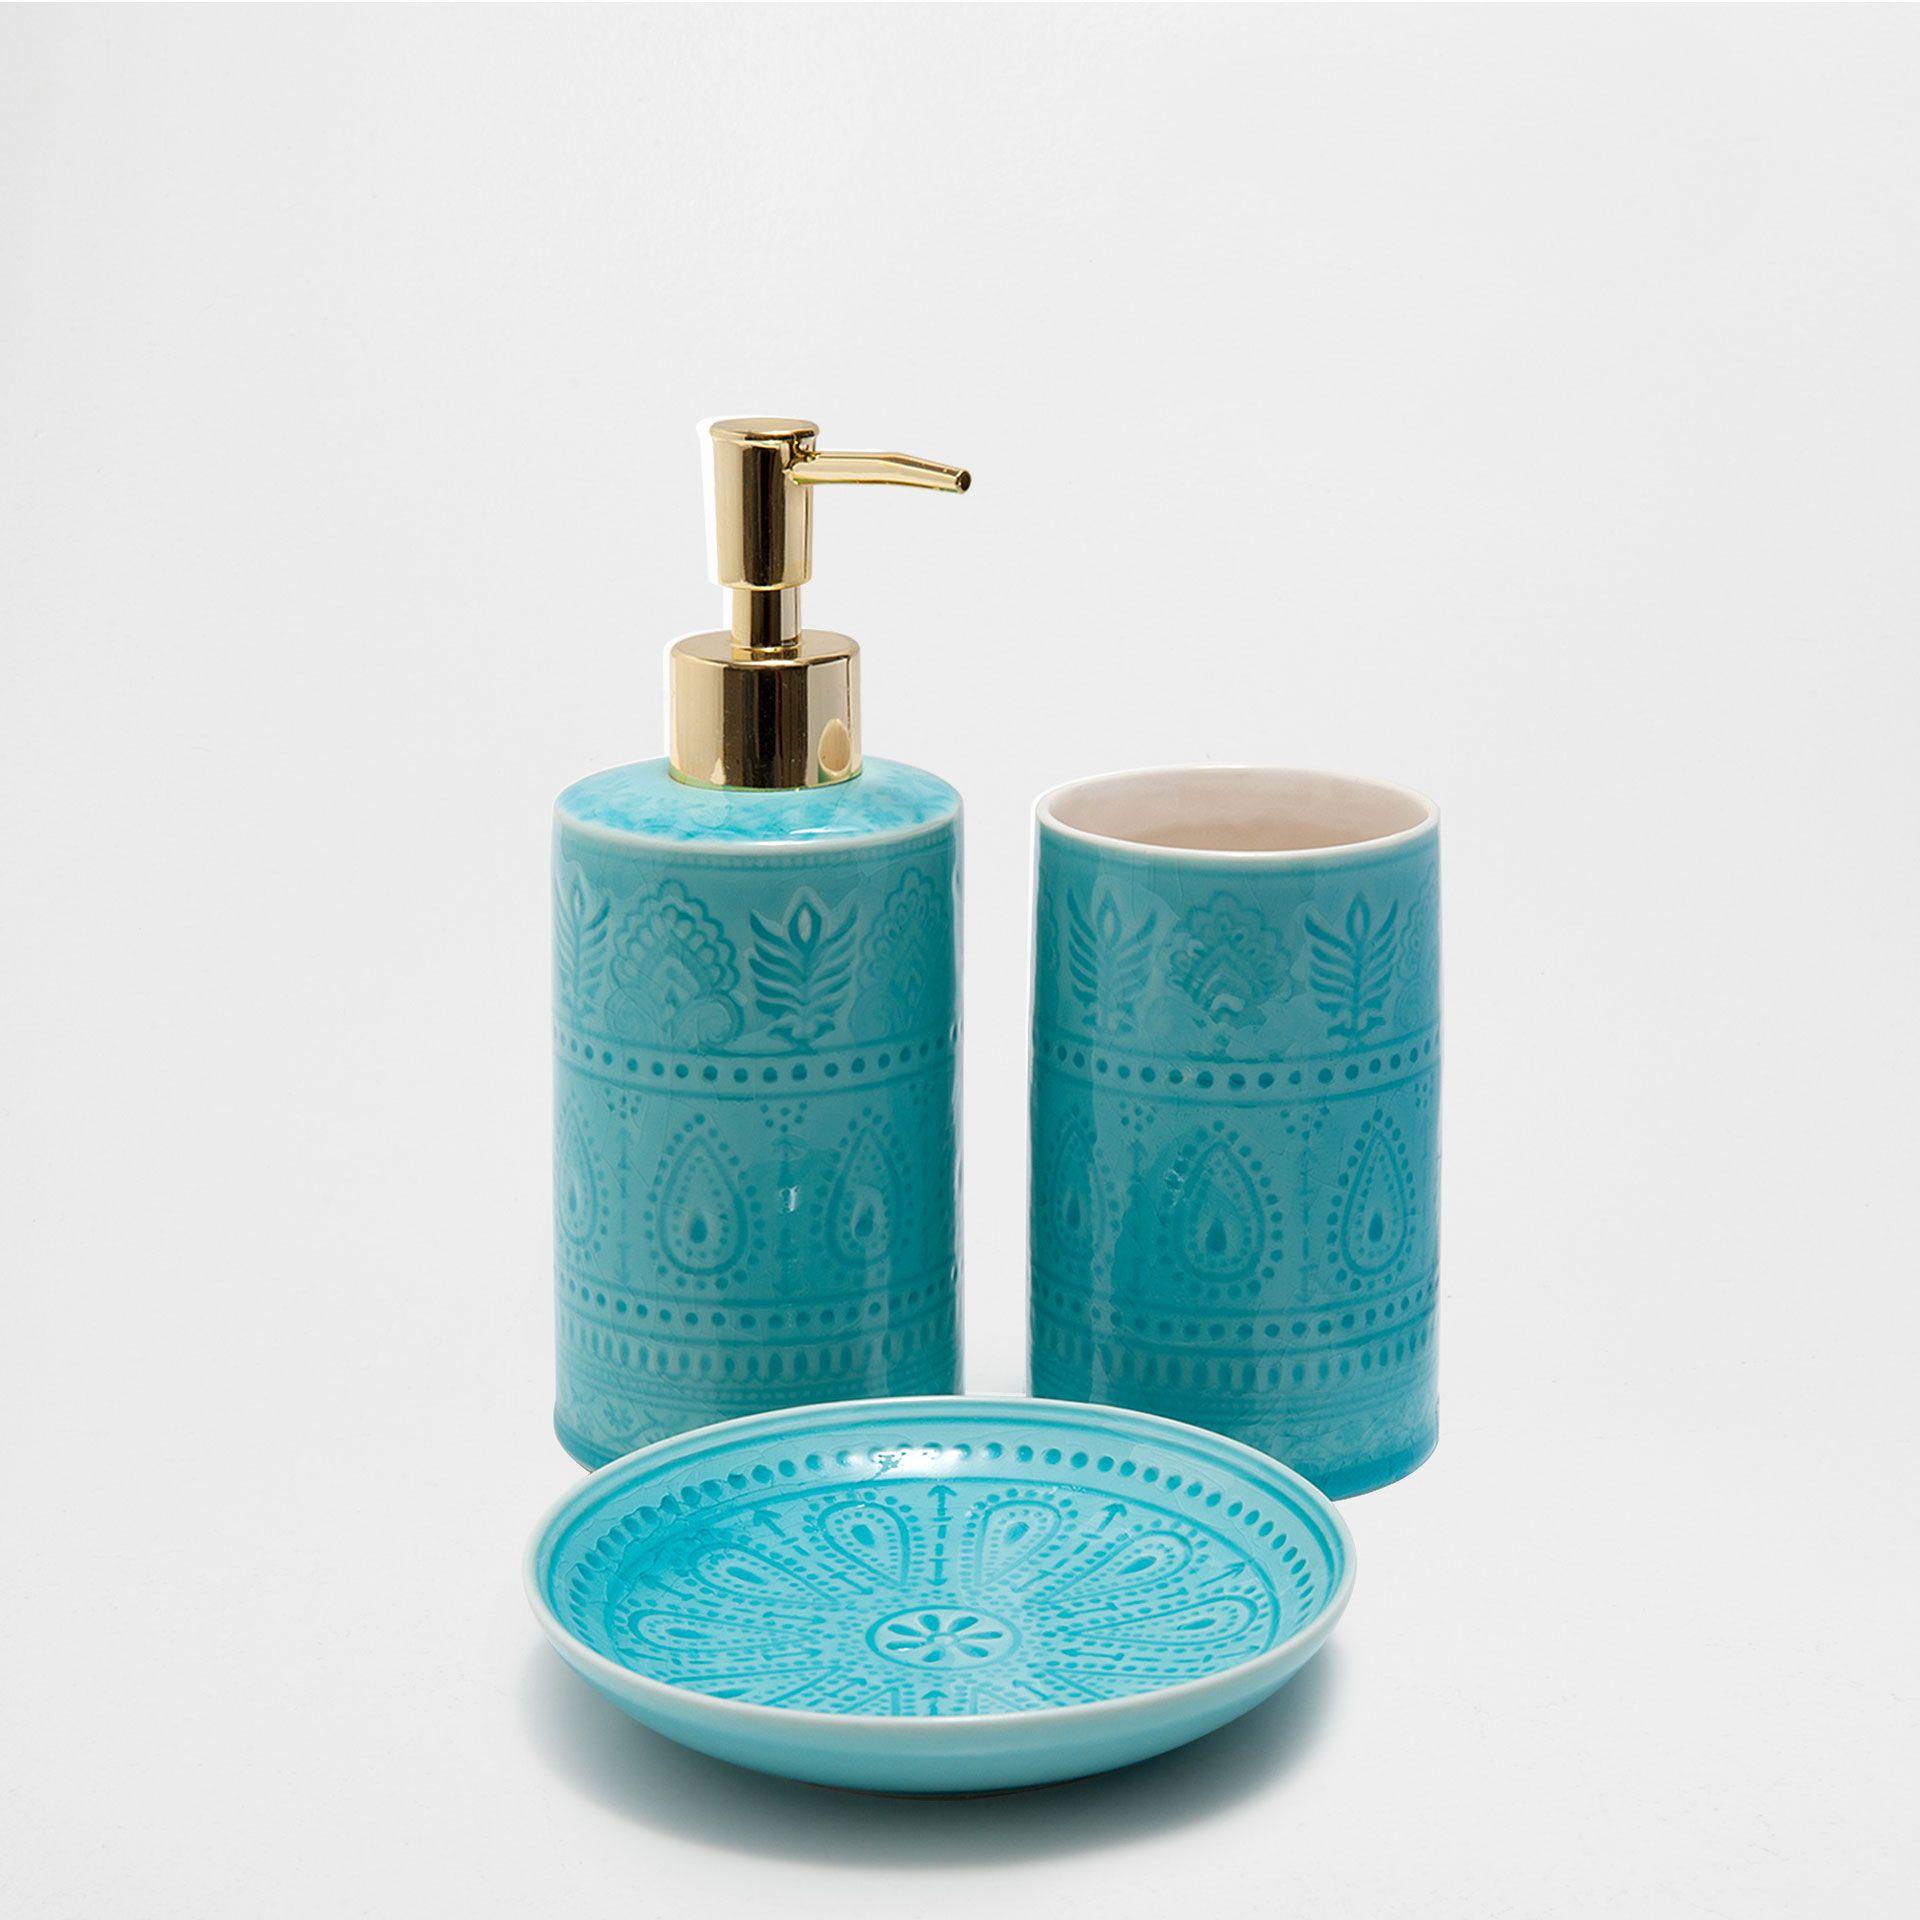 Turquoise Bathroom Set Mit Bildern Badezimmer Accessoires Bad